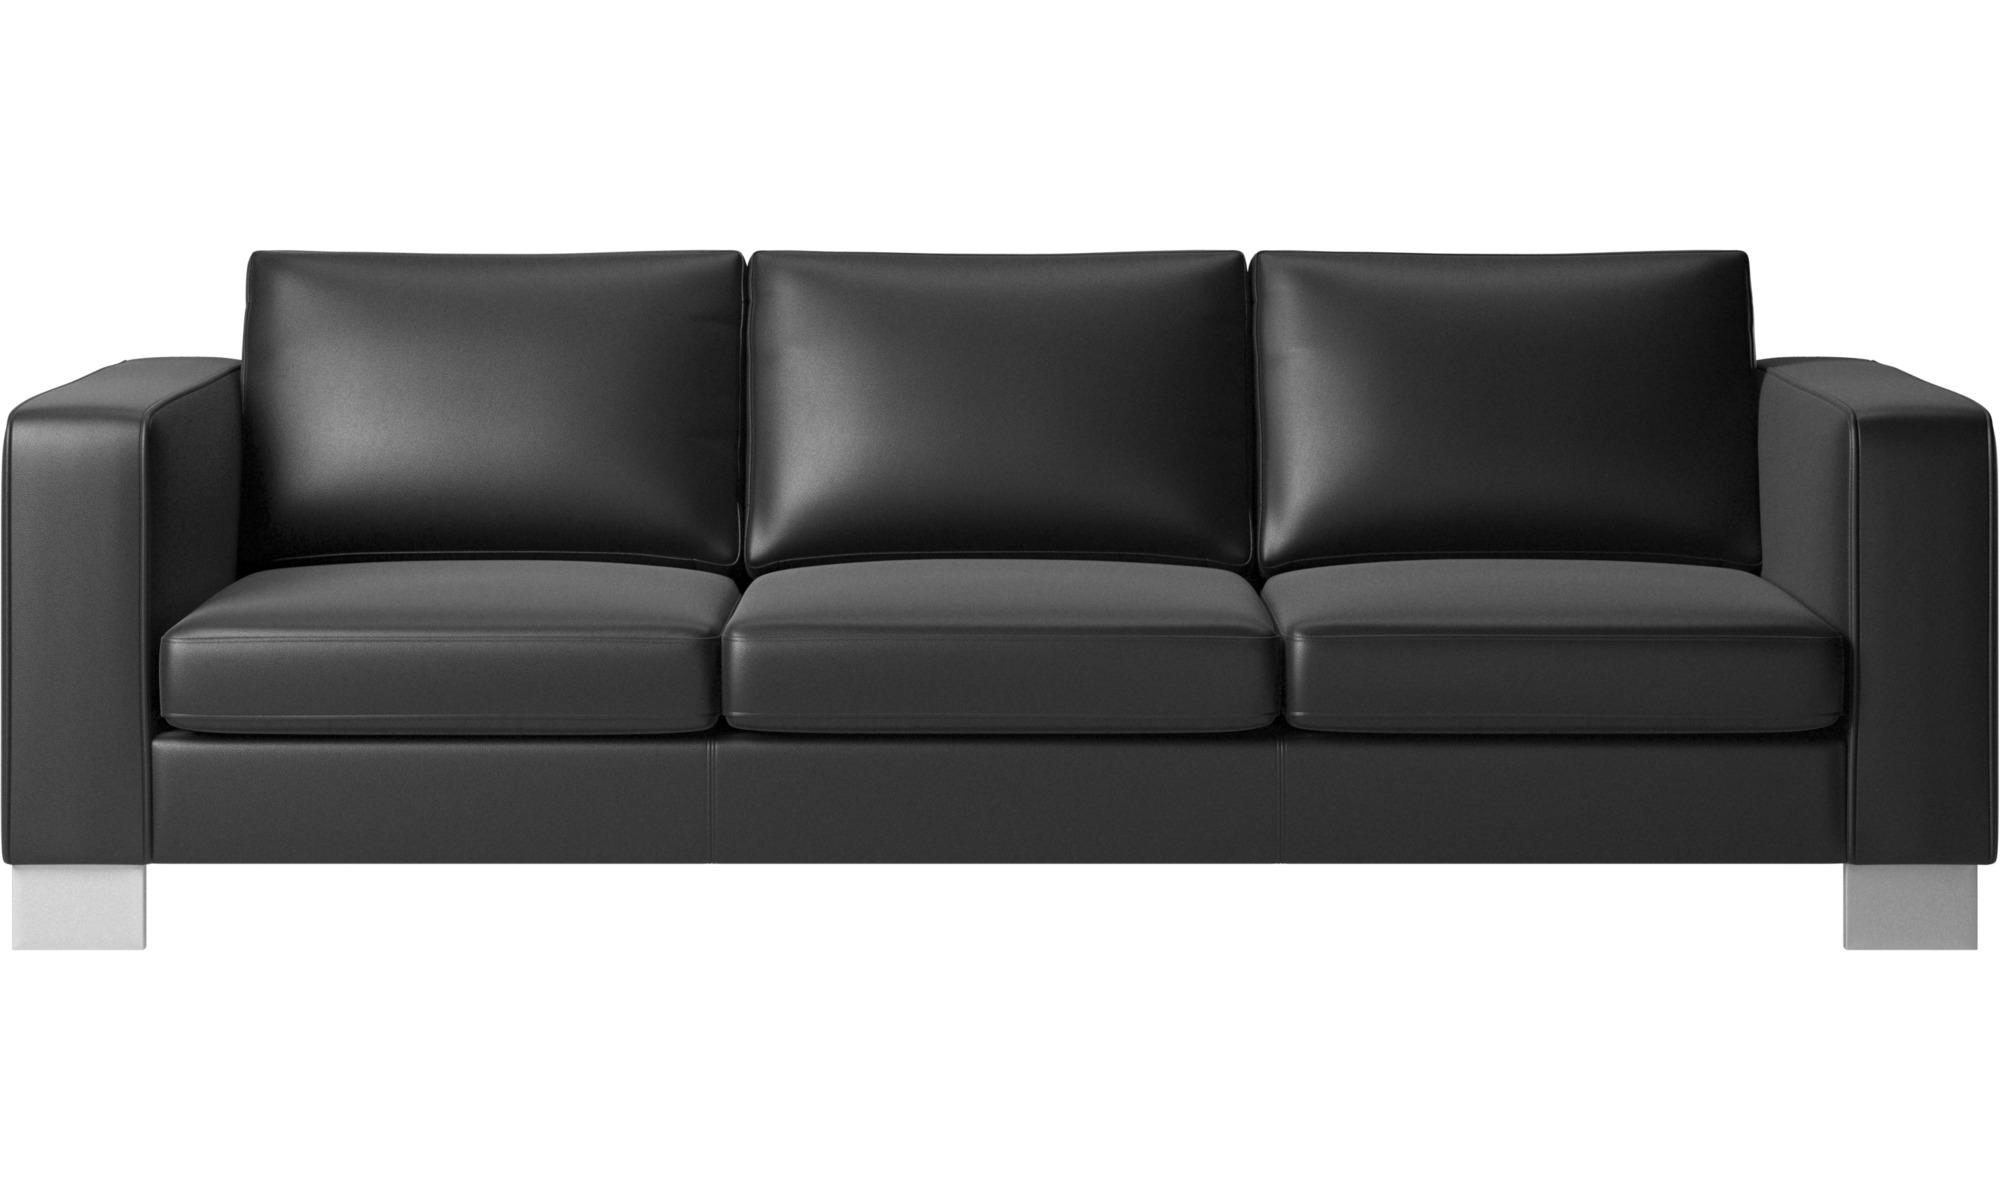 3 Seater Sofas Indivi 2 Sofa Boconcept